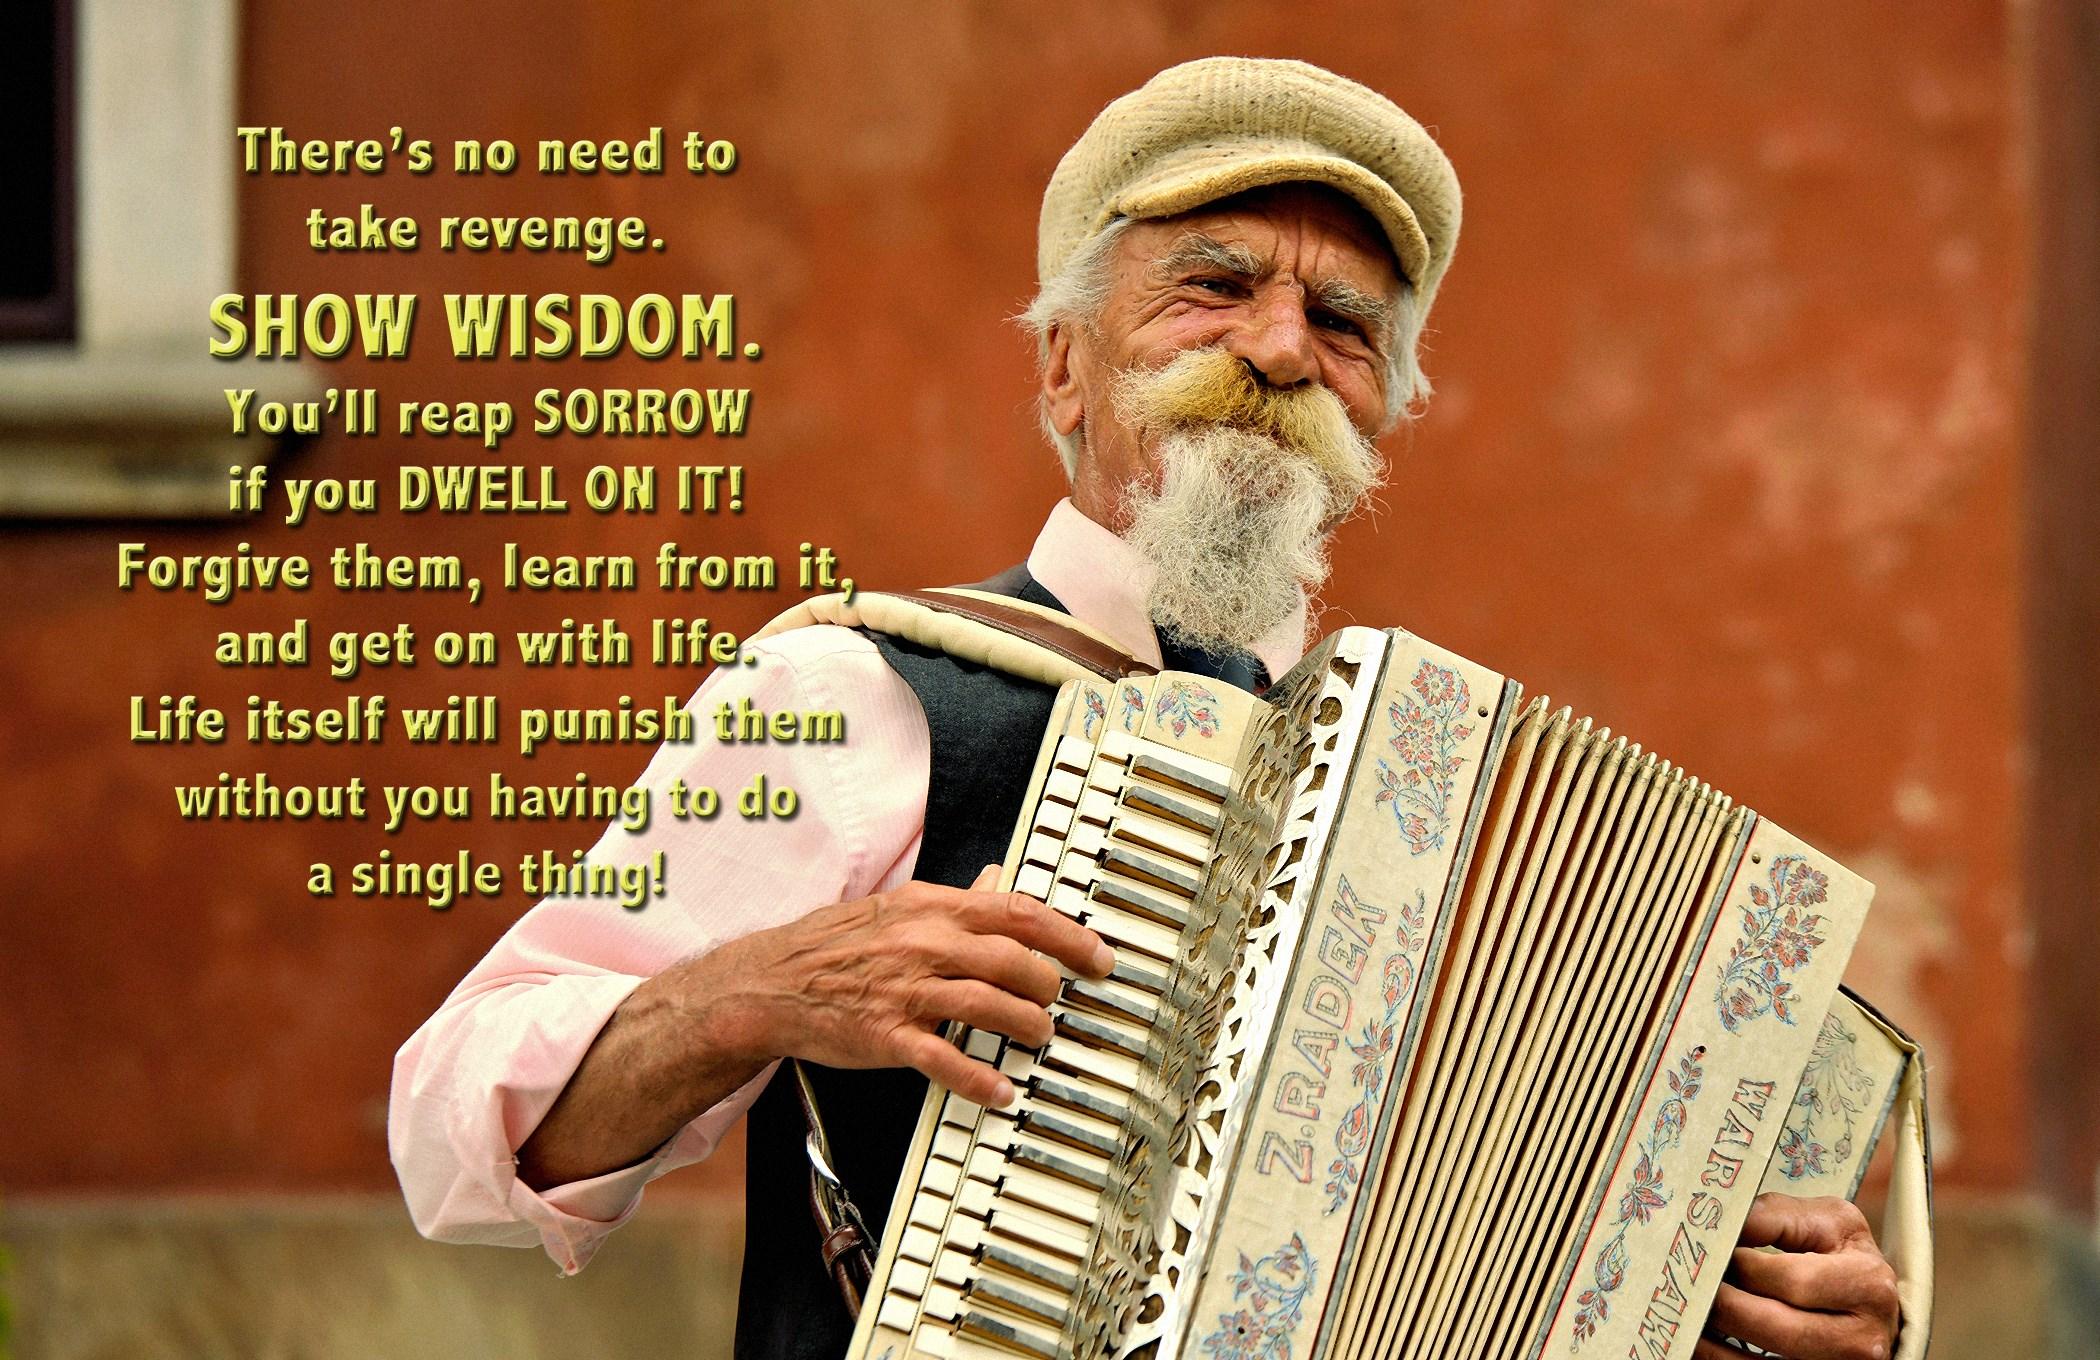 00 show wisdom man with accordion poland 160616